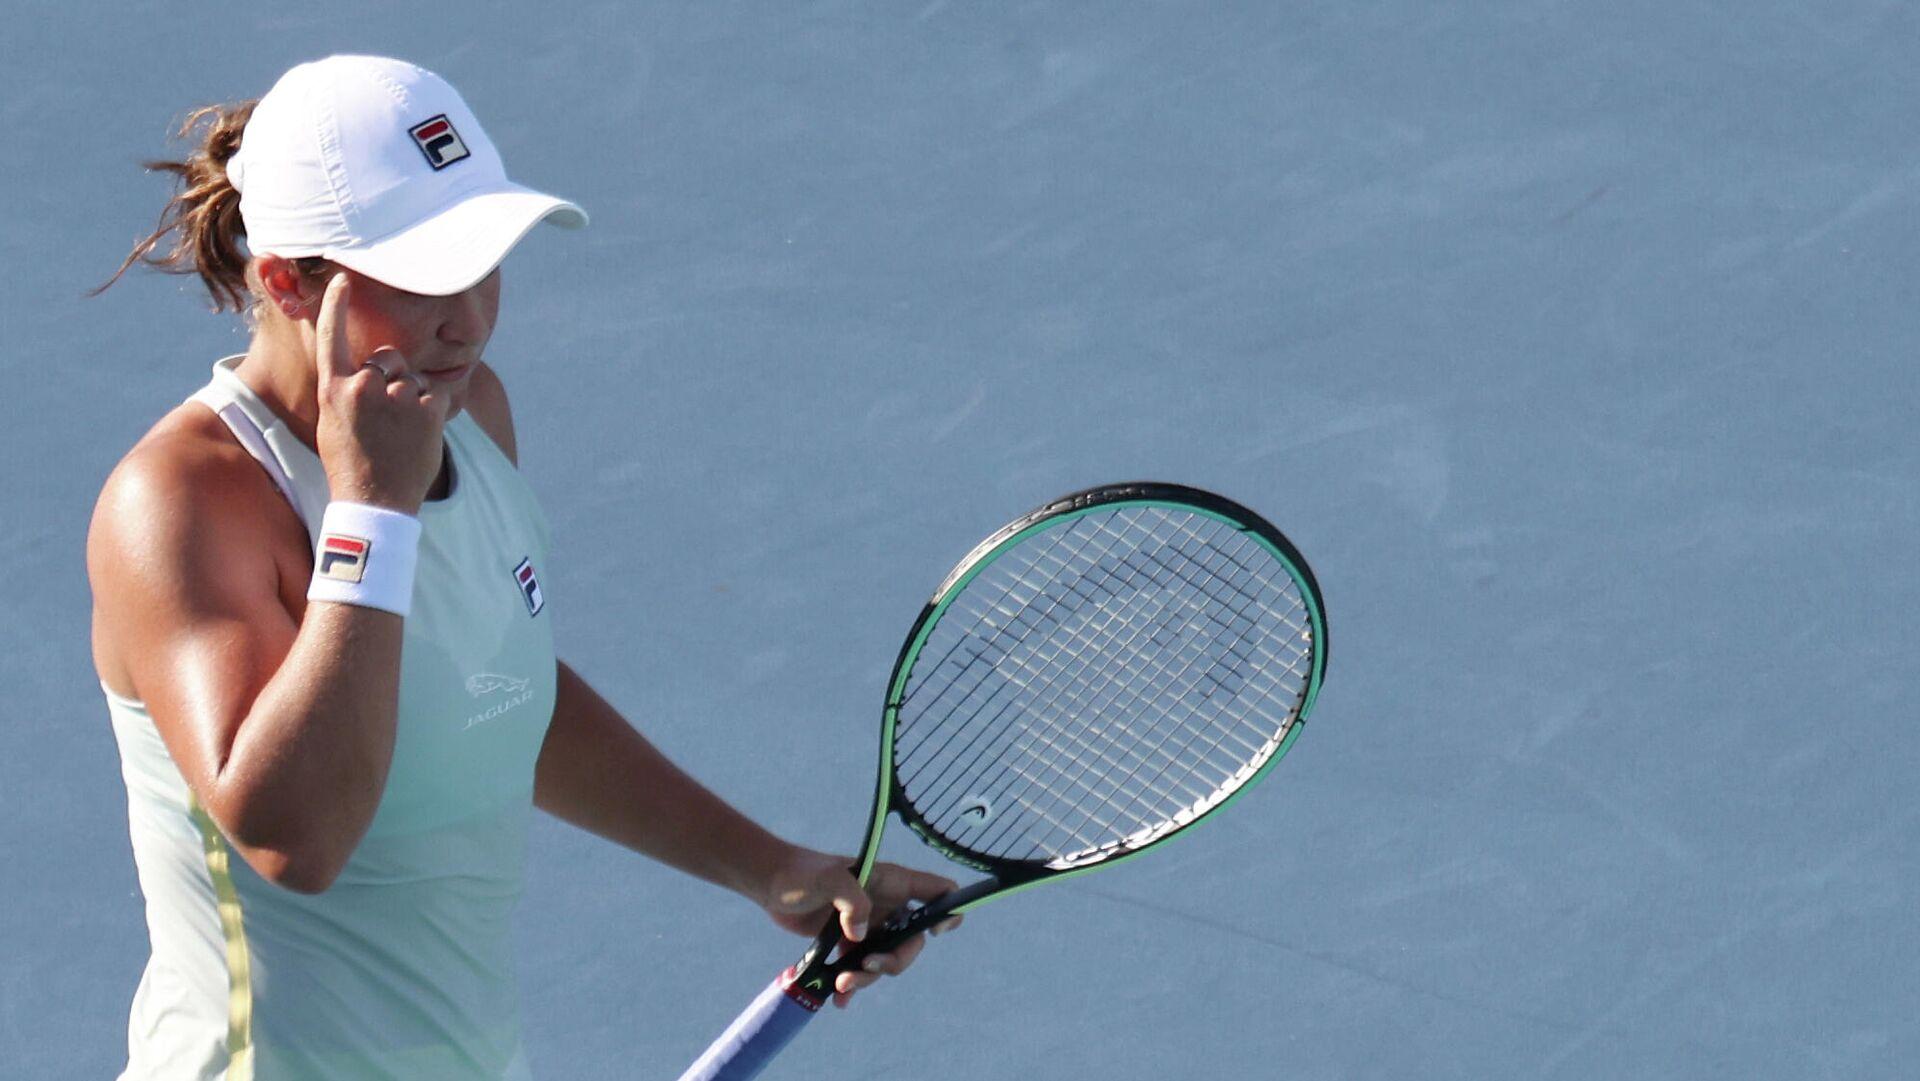 Австралийская теннисистка Эшли Барти - РИА Новости, 1920, 29.03.2021